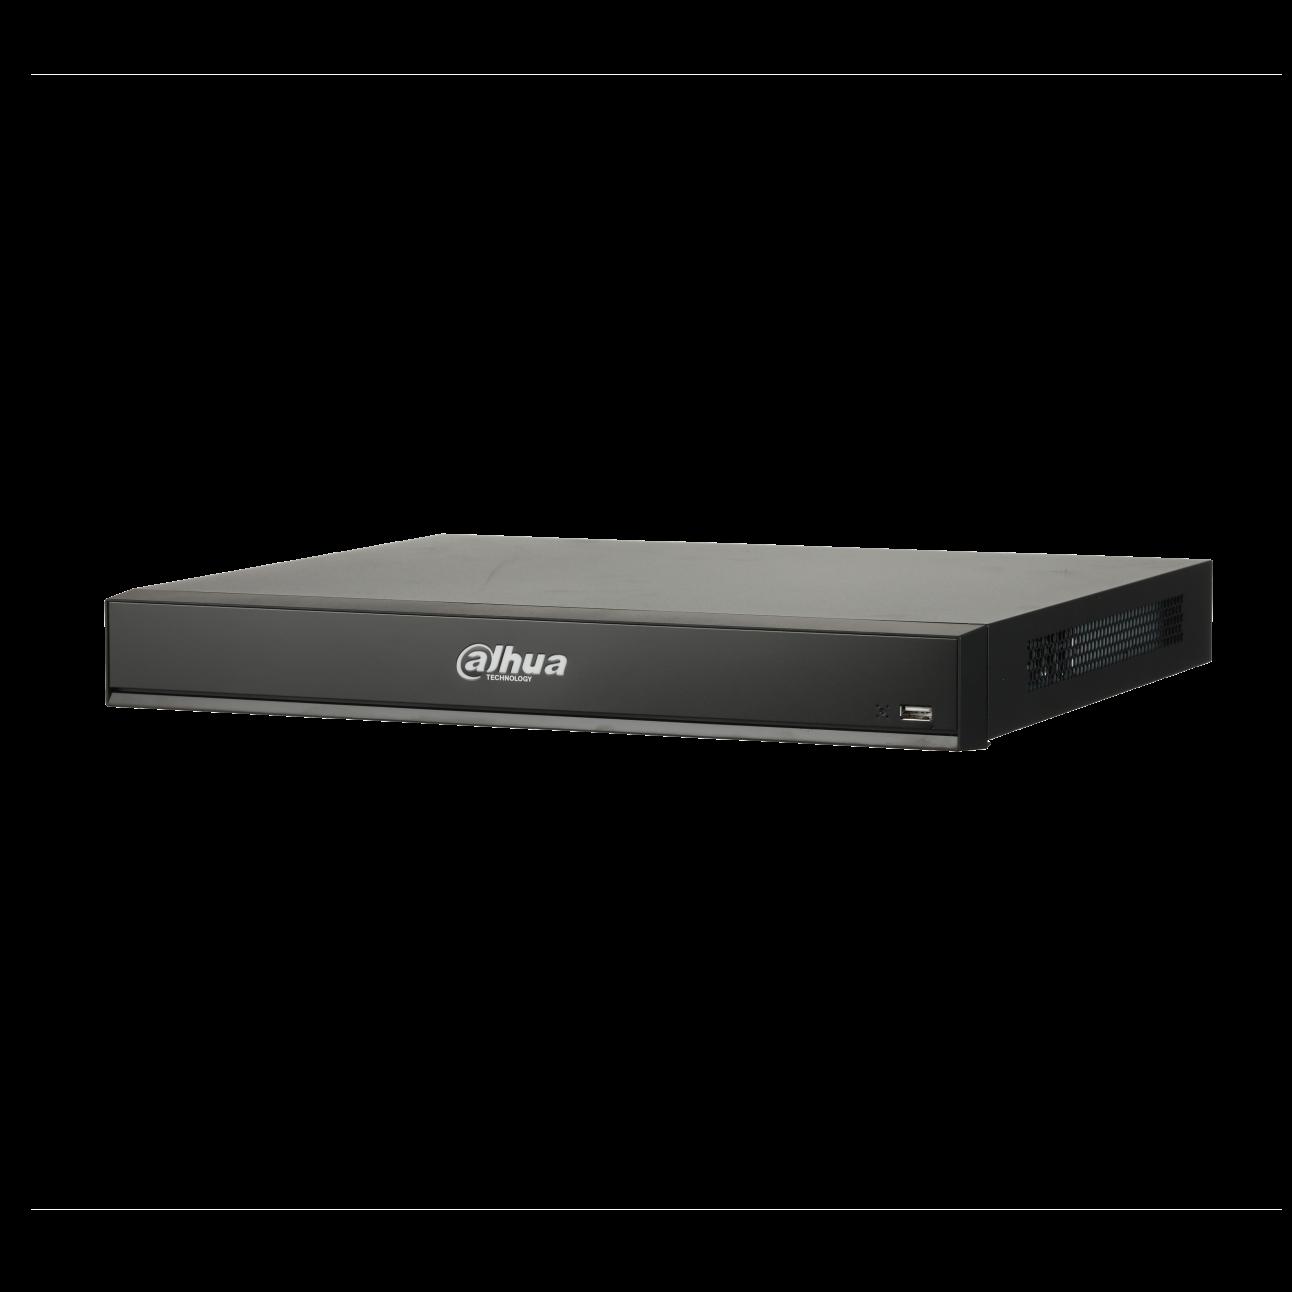 Интеллектуальный IP Видеорегистратор Dahua DHI-NVR4216-16P-I 16-и канальный 4K, 16 PoE портов, до 12Мп, 2 HDD до 8Тб, HDMI, VGA, 2 порта USB2.0